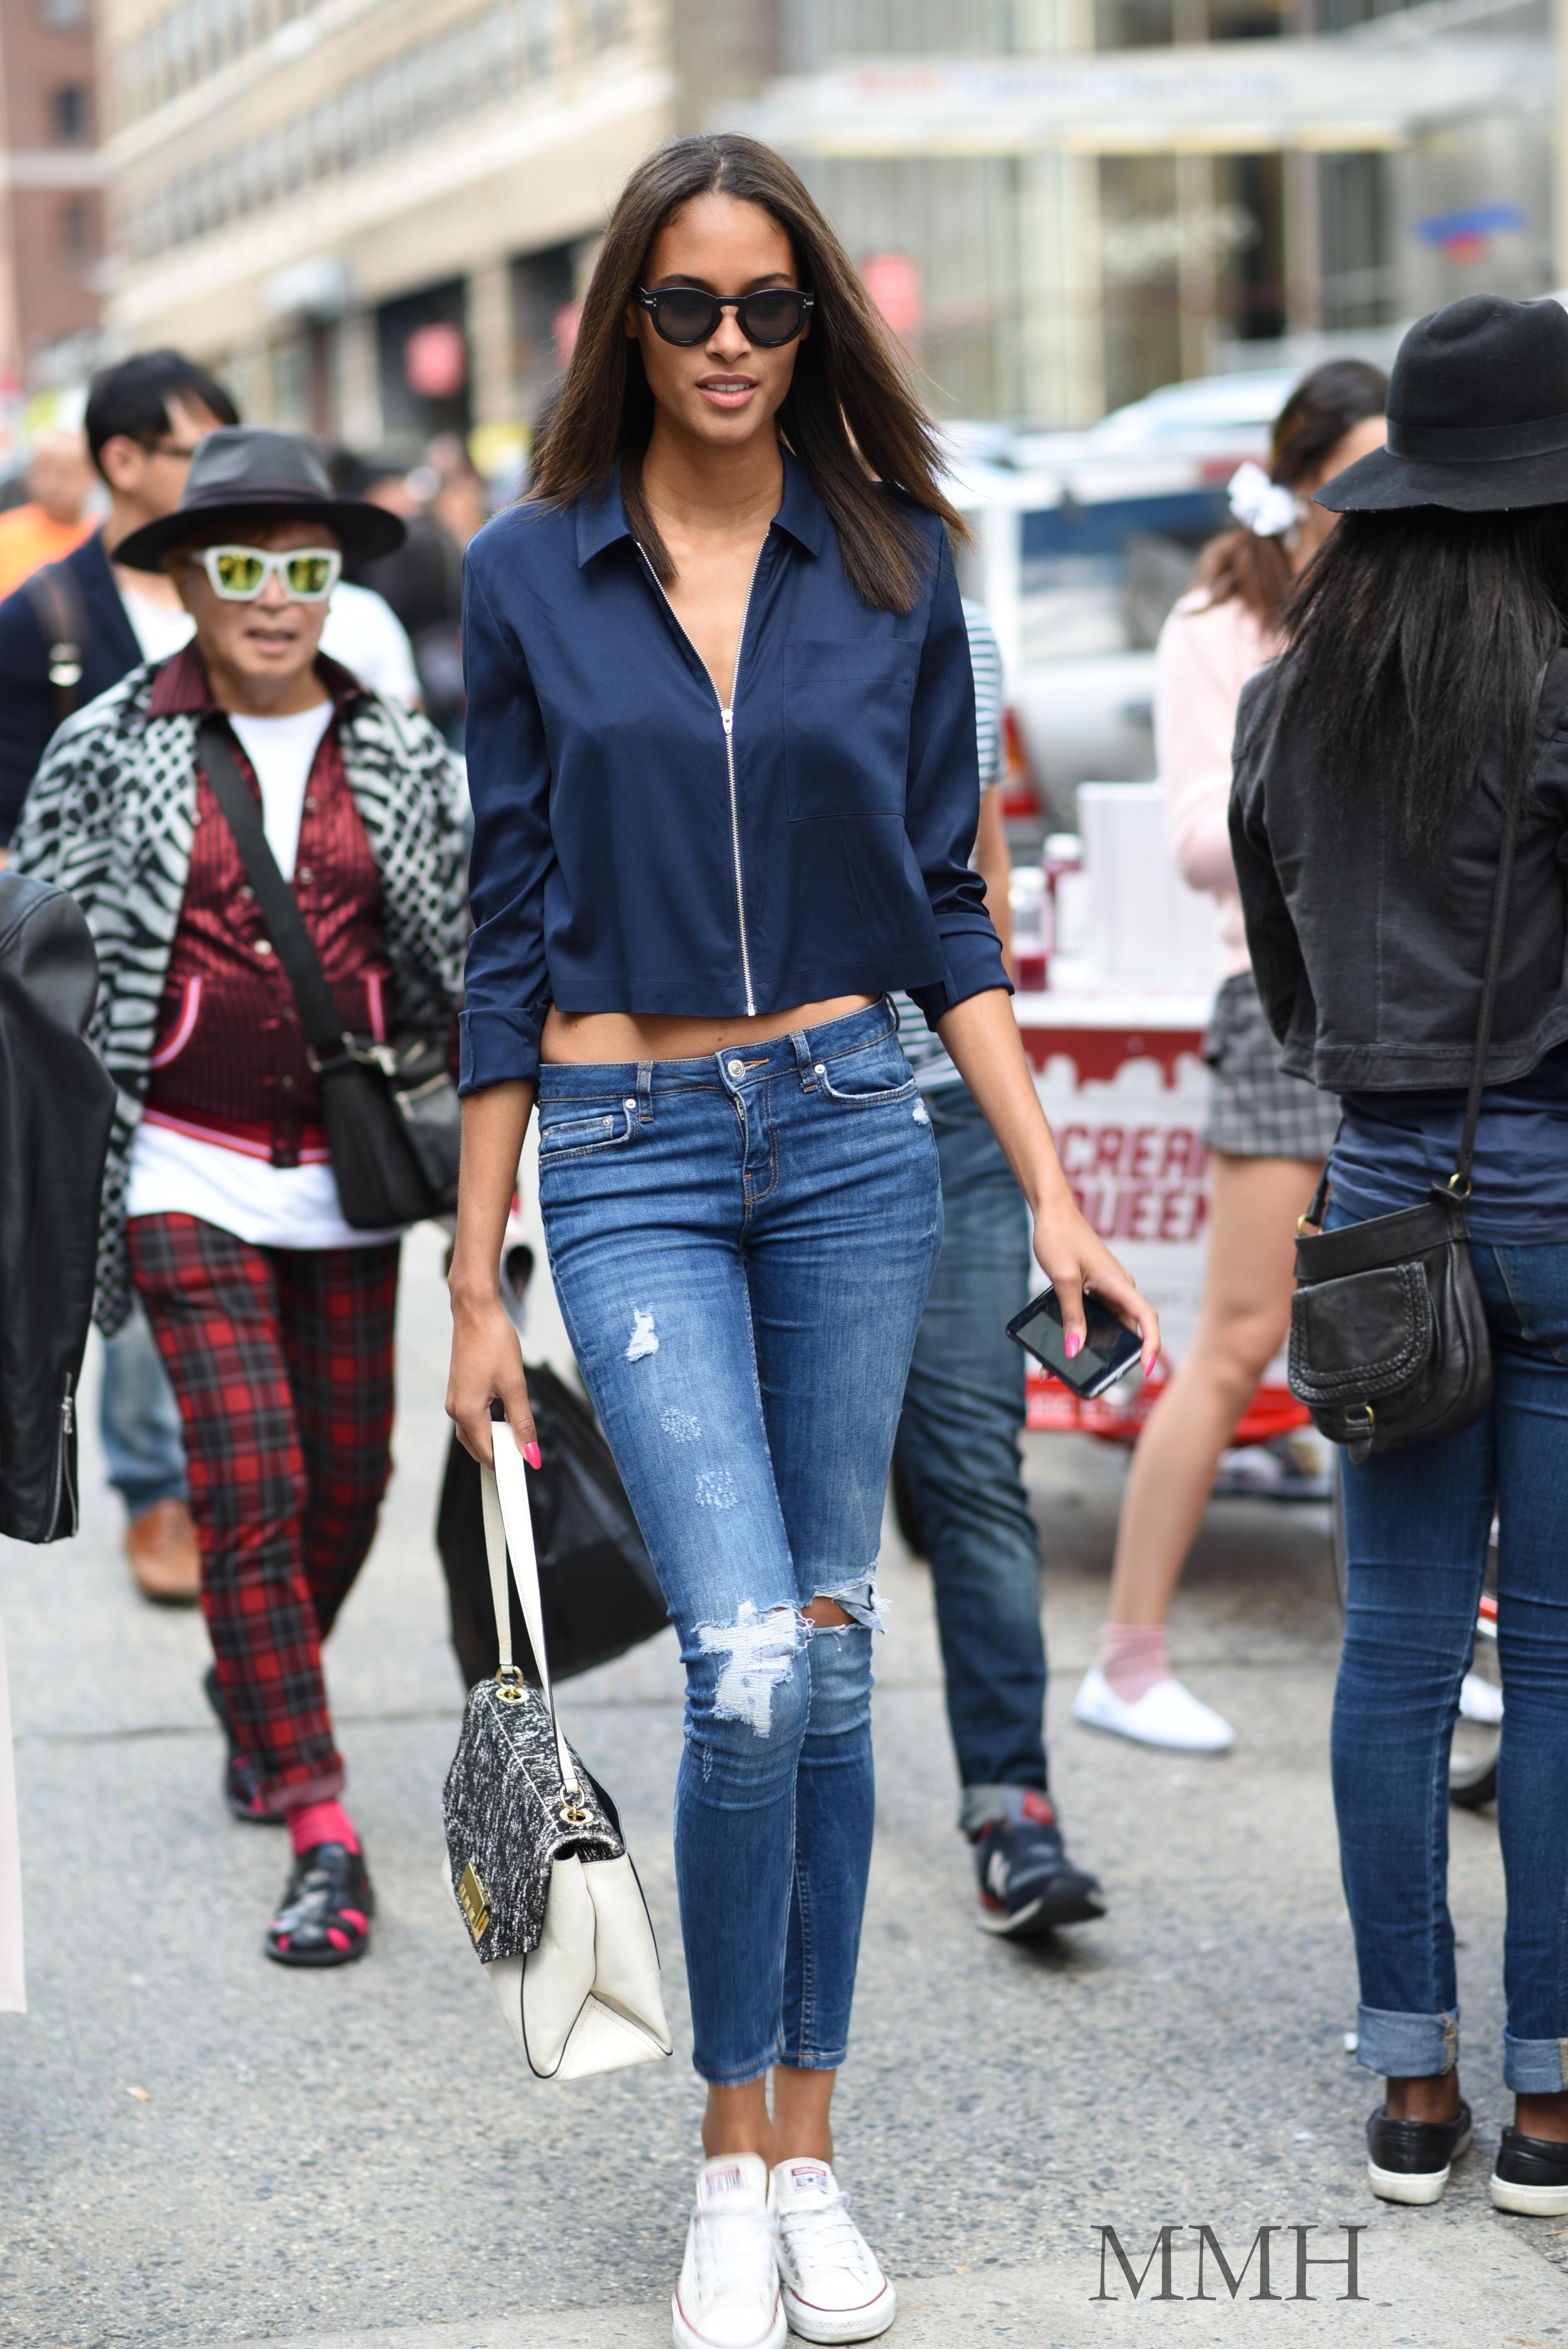 model-in-new-york.jpg